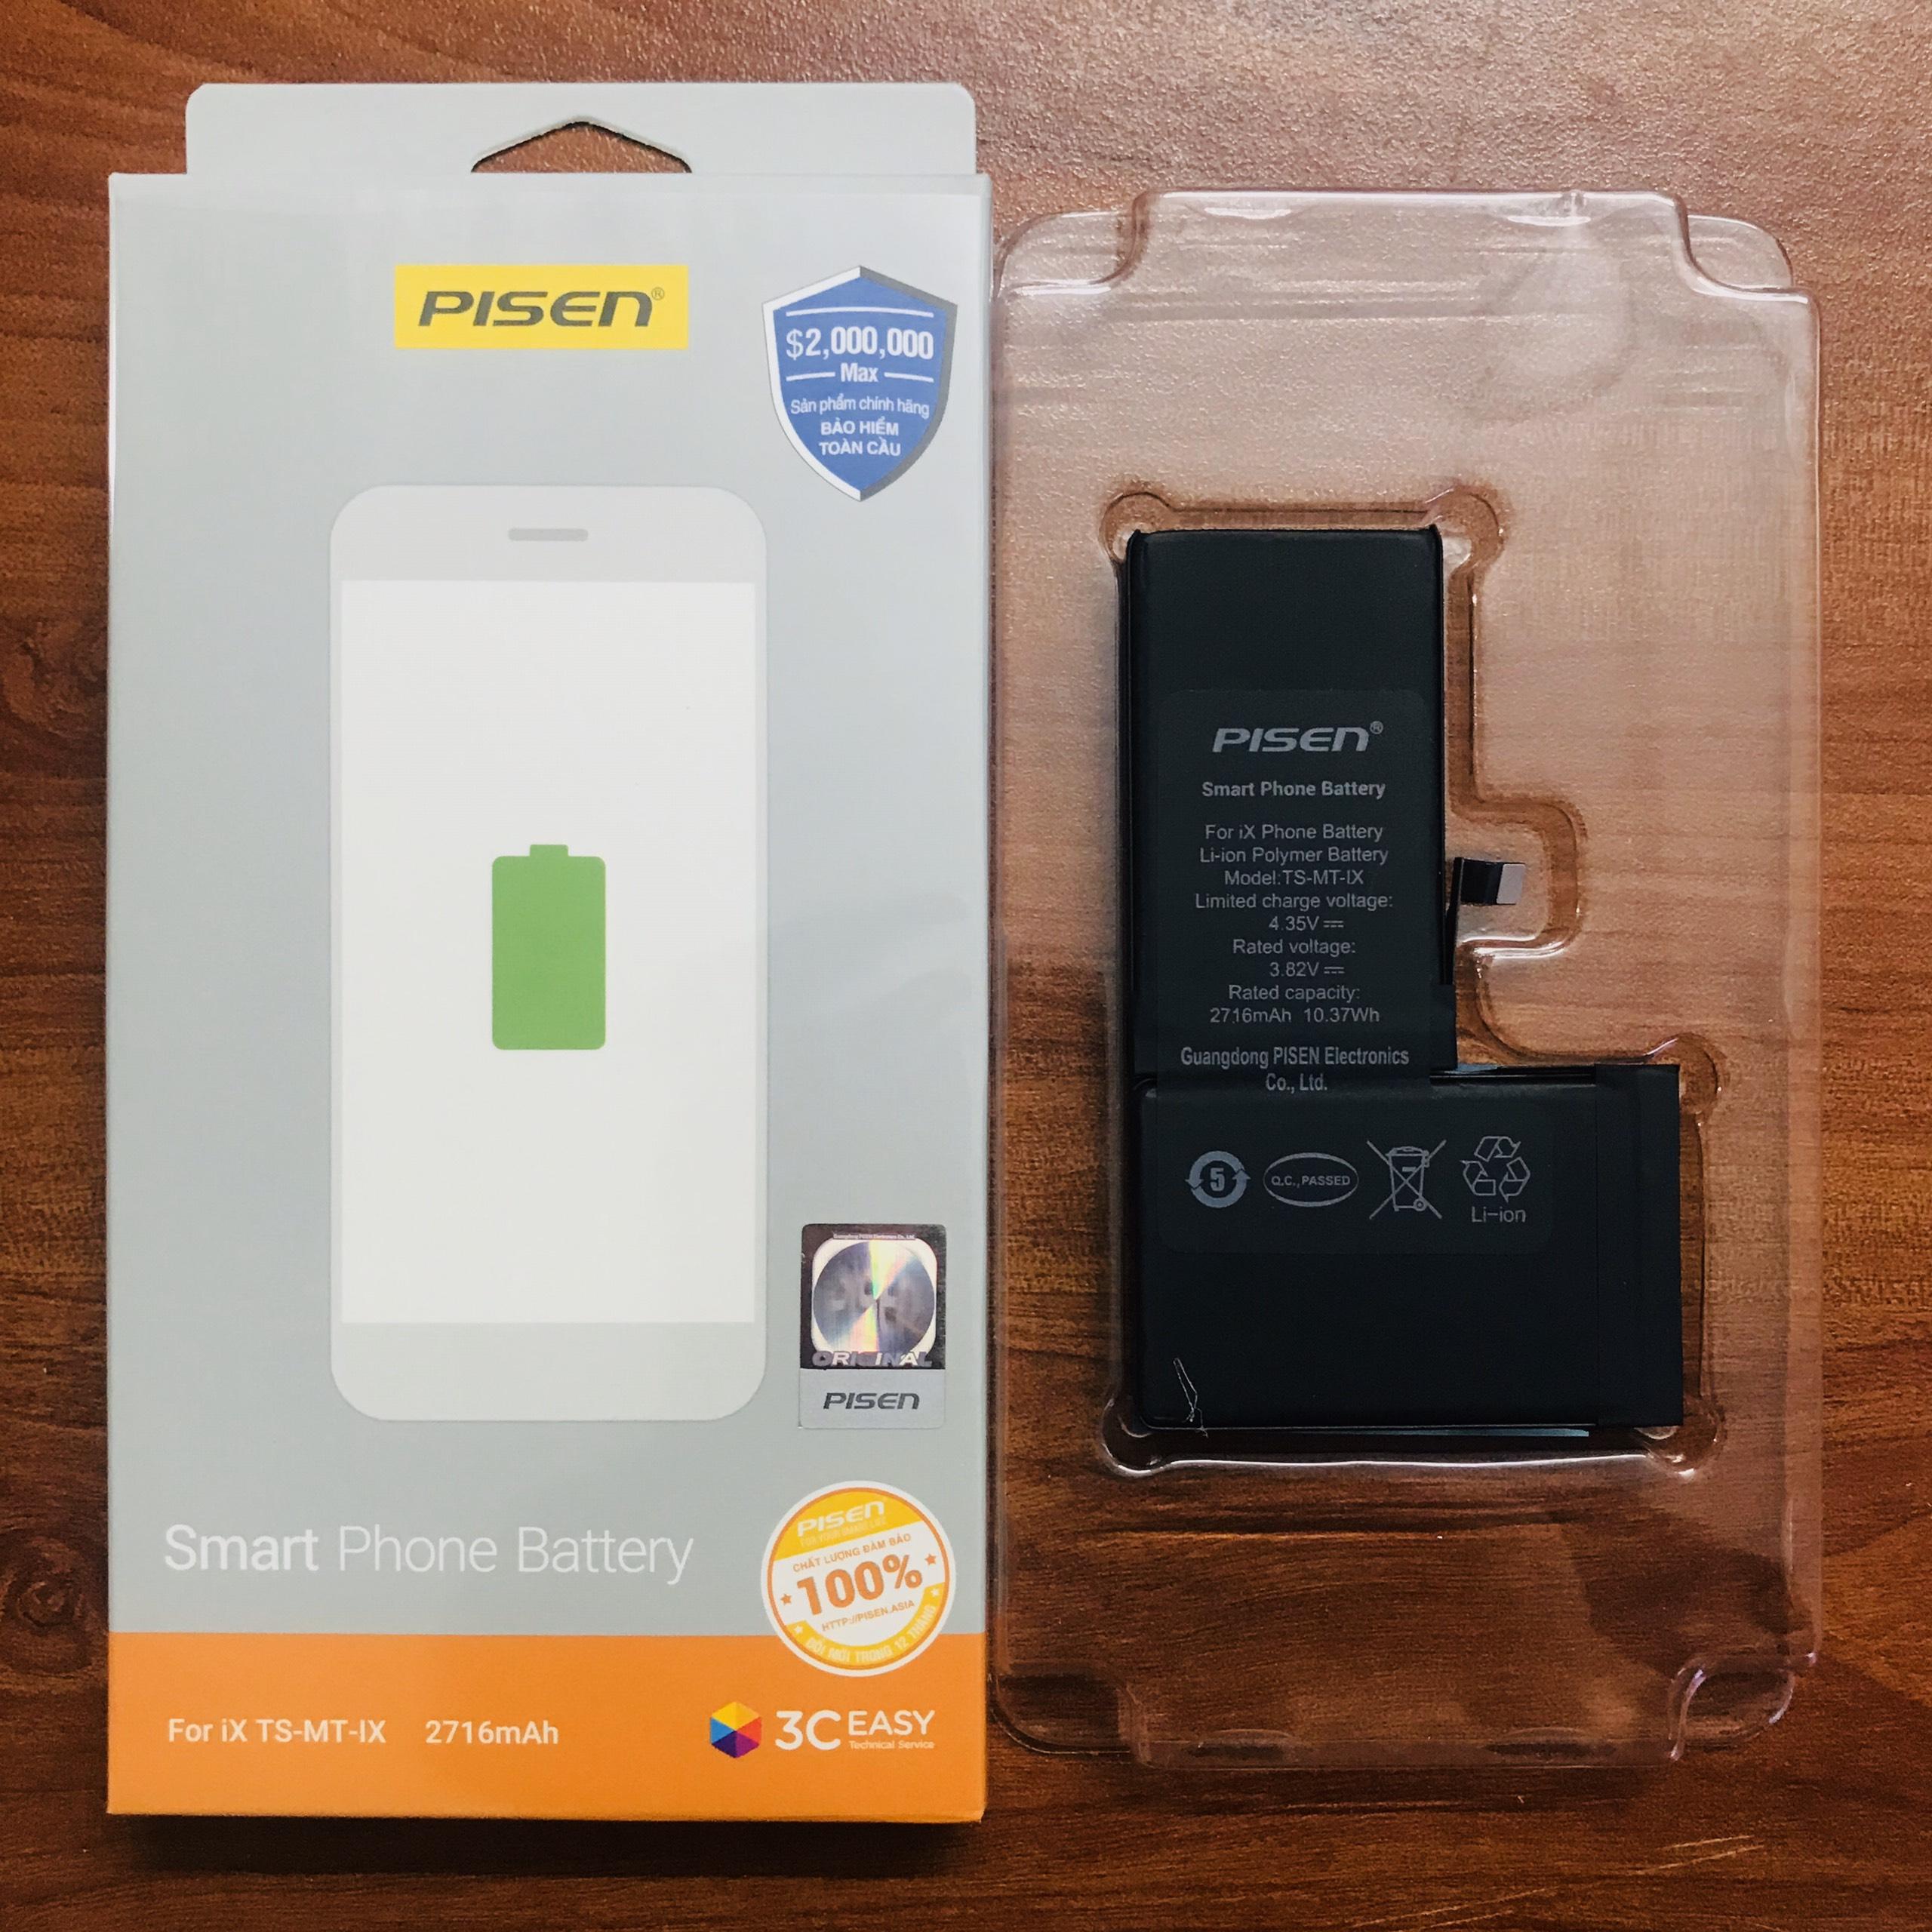 Pin điện thoại dành cho iPhone X Pisen _Hàng Chính Hãng - Pin Thay Thế